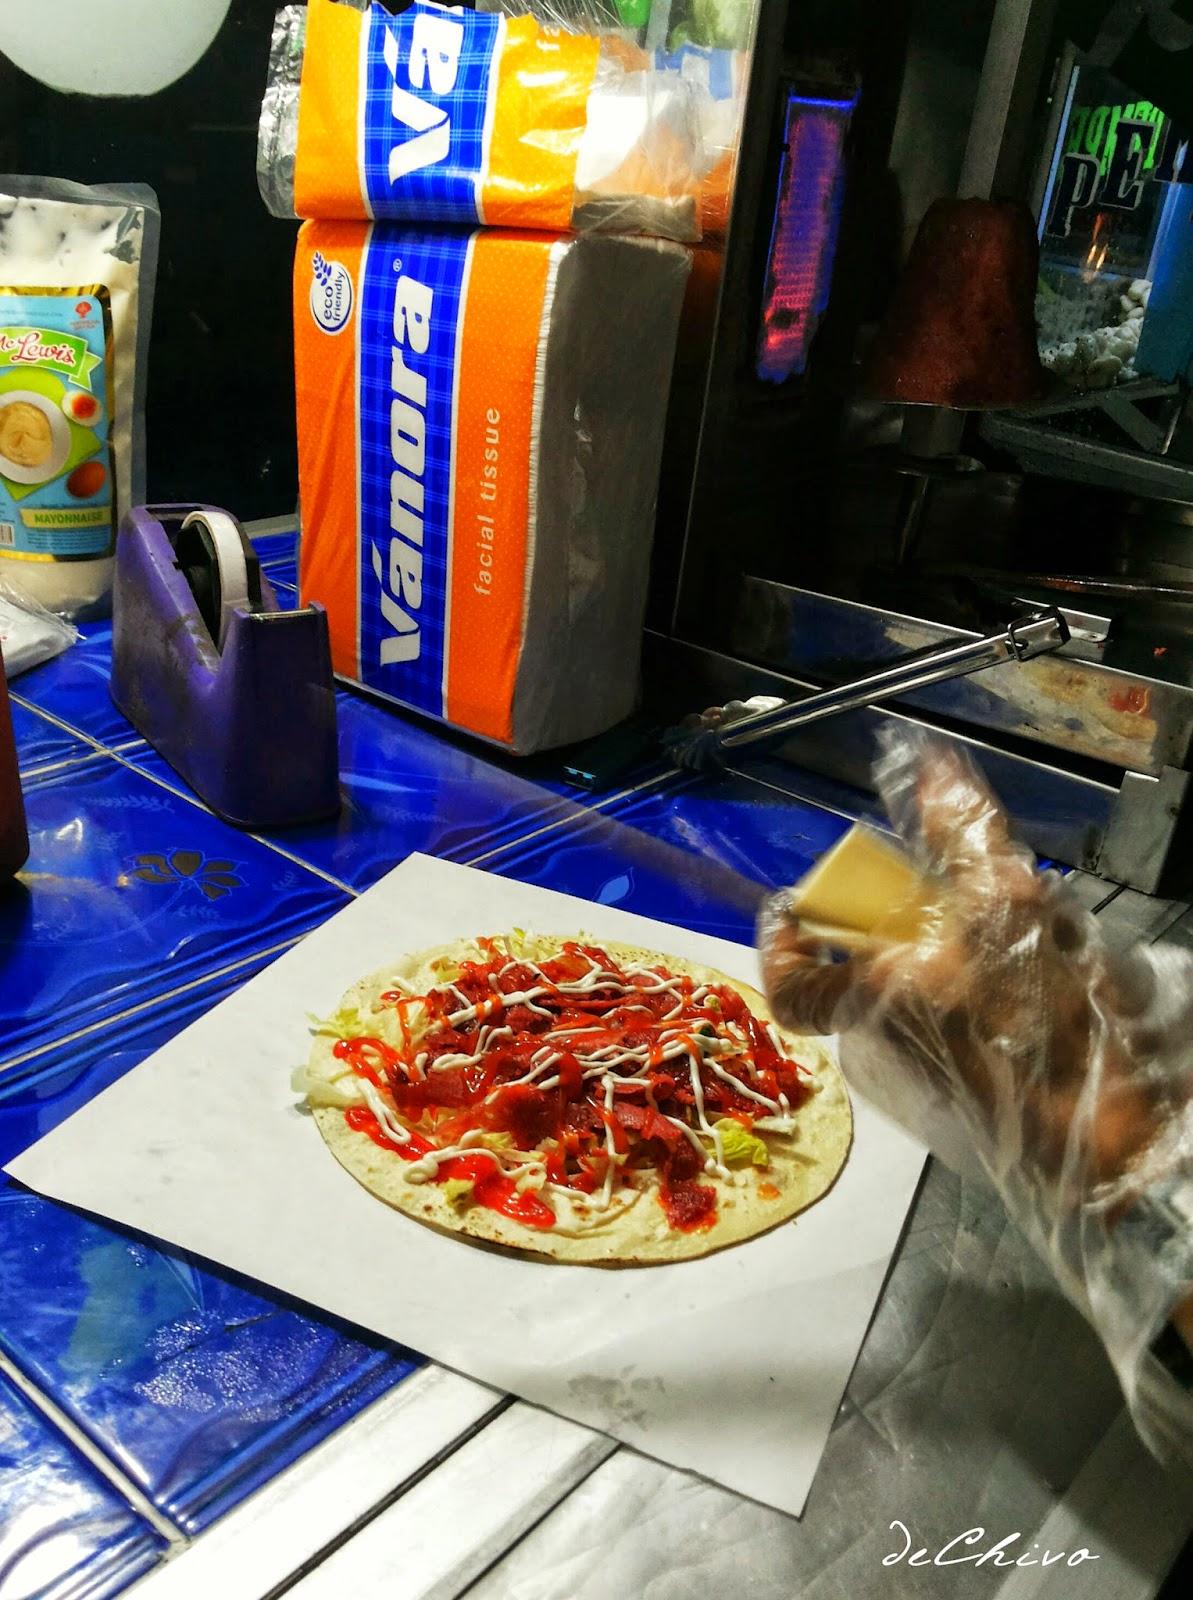 Membuat Kebab Pakai Sarung Tangan Biar Higienis